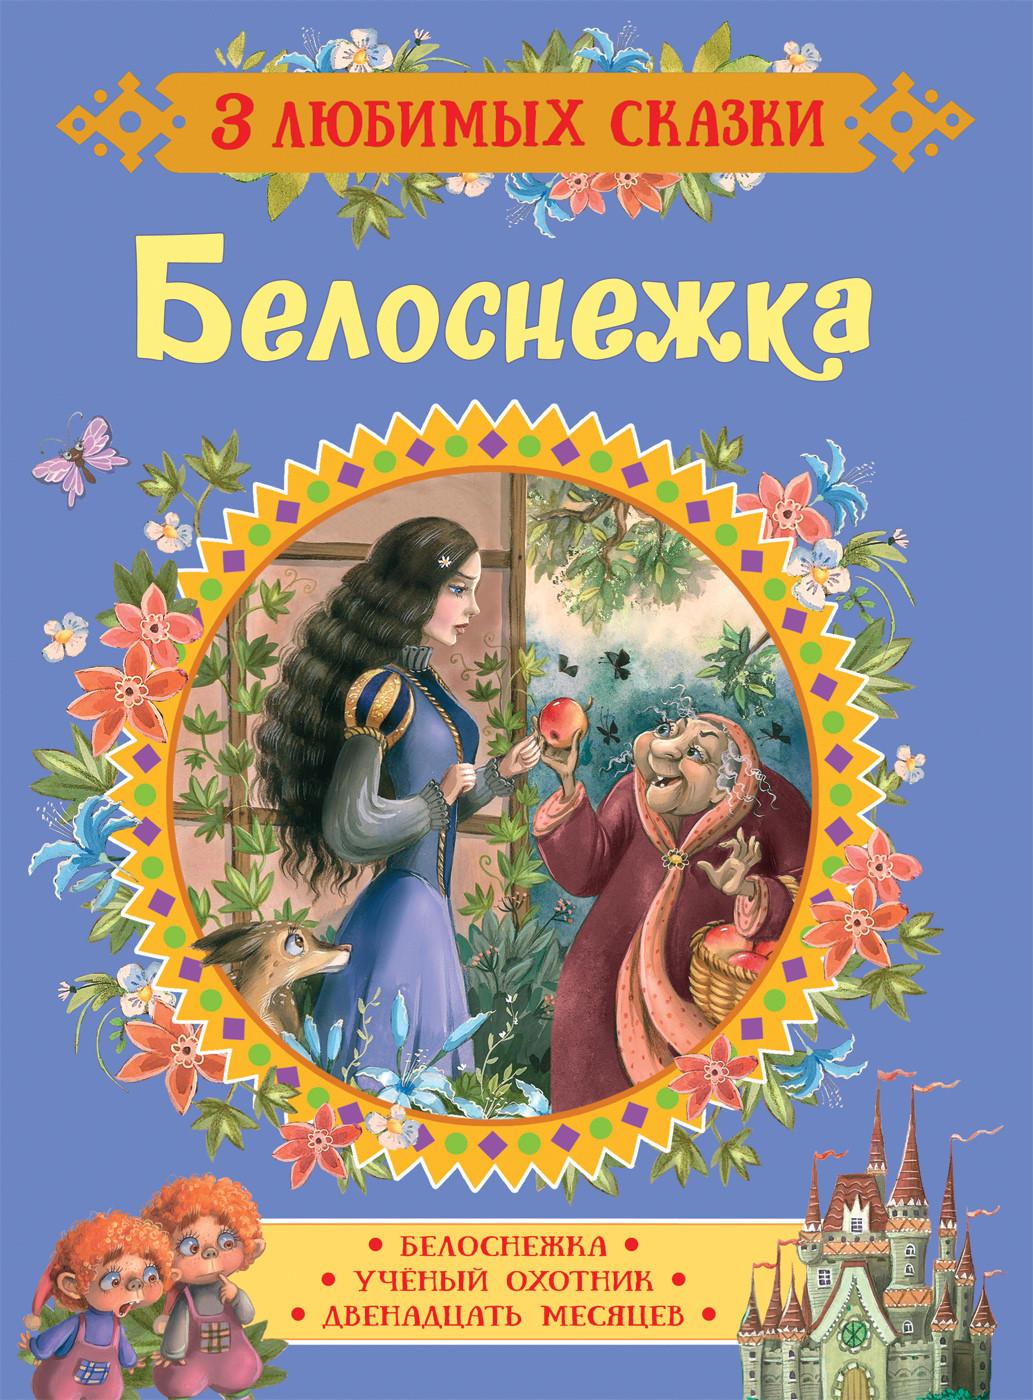 Гримм В. и Я. и др. Белоснежка. Сказки (3 любимых сказки)